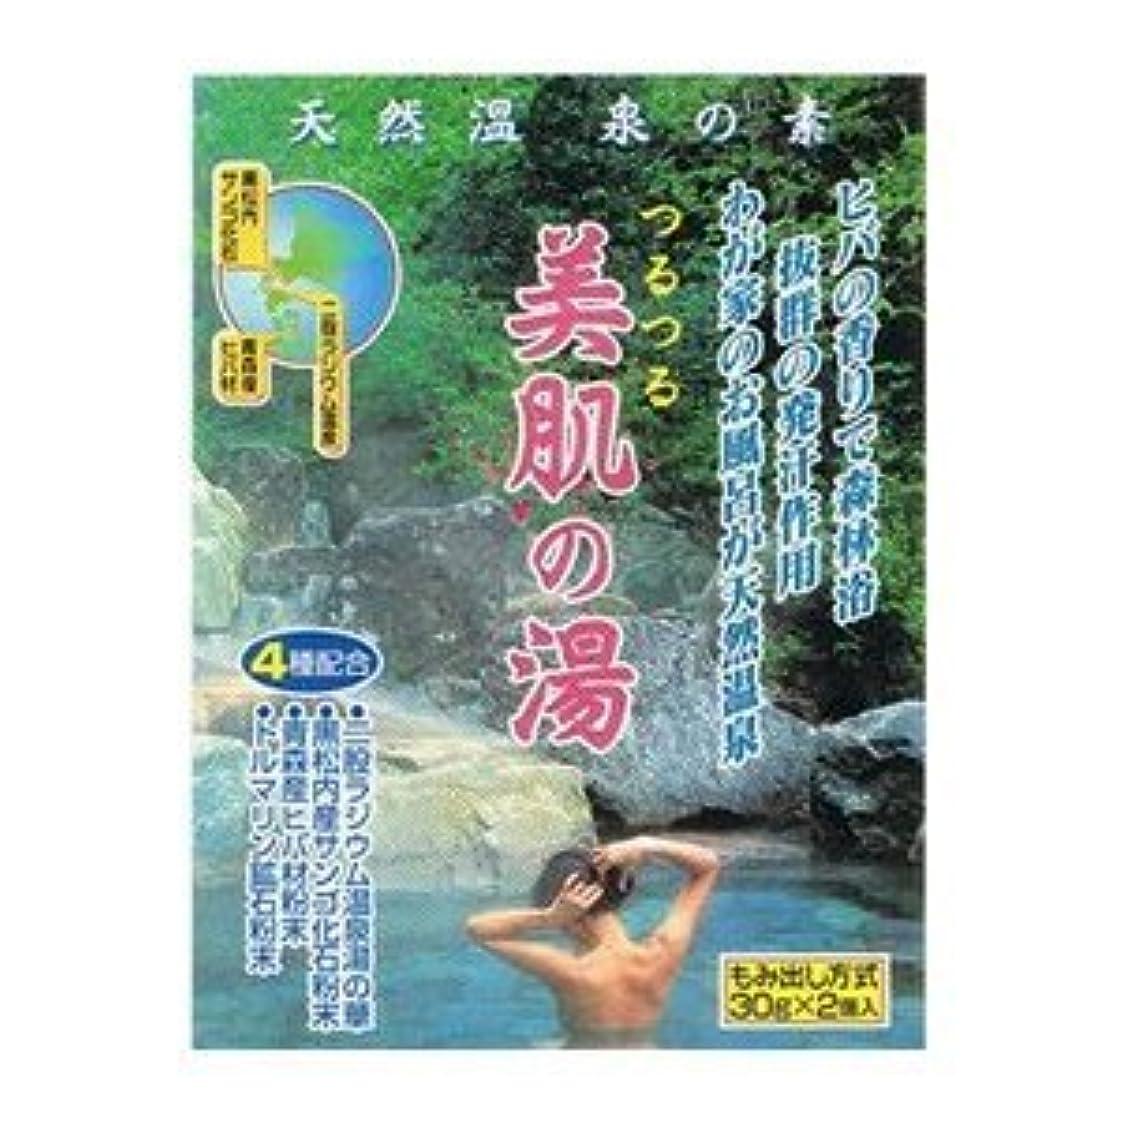 延ばすフィッティングバイソン天然温泉の素 美肌の湯 (30g×2個入)×18袋セット